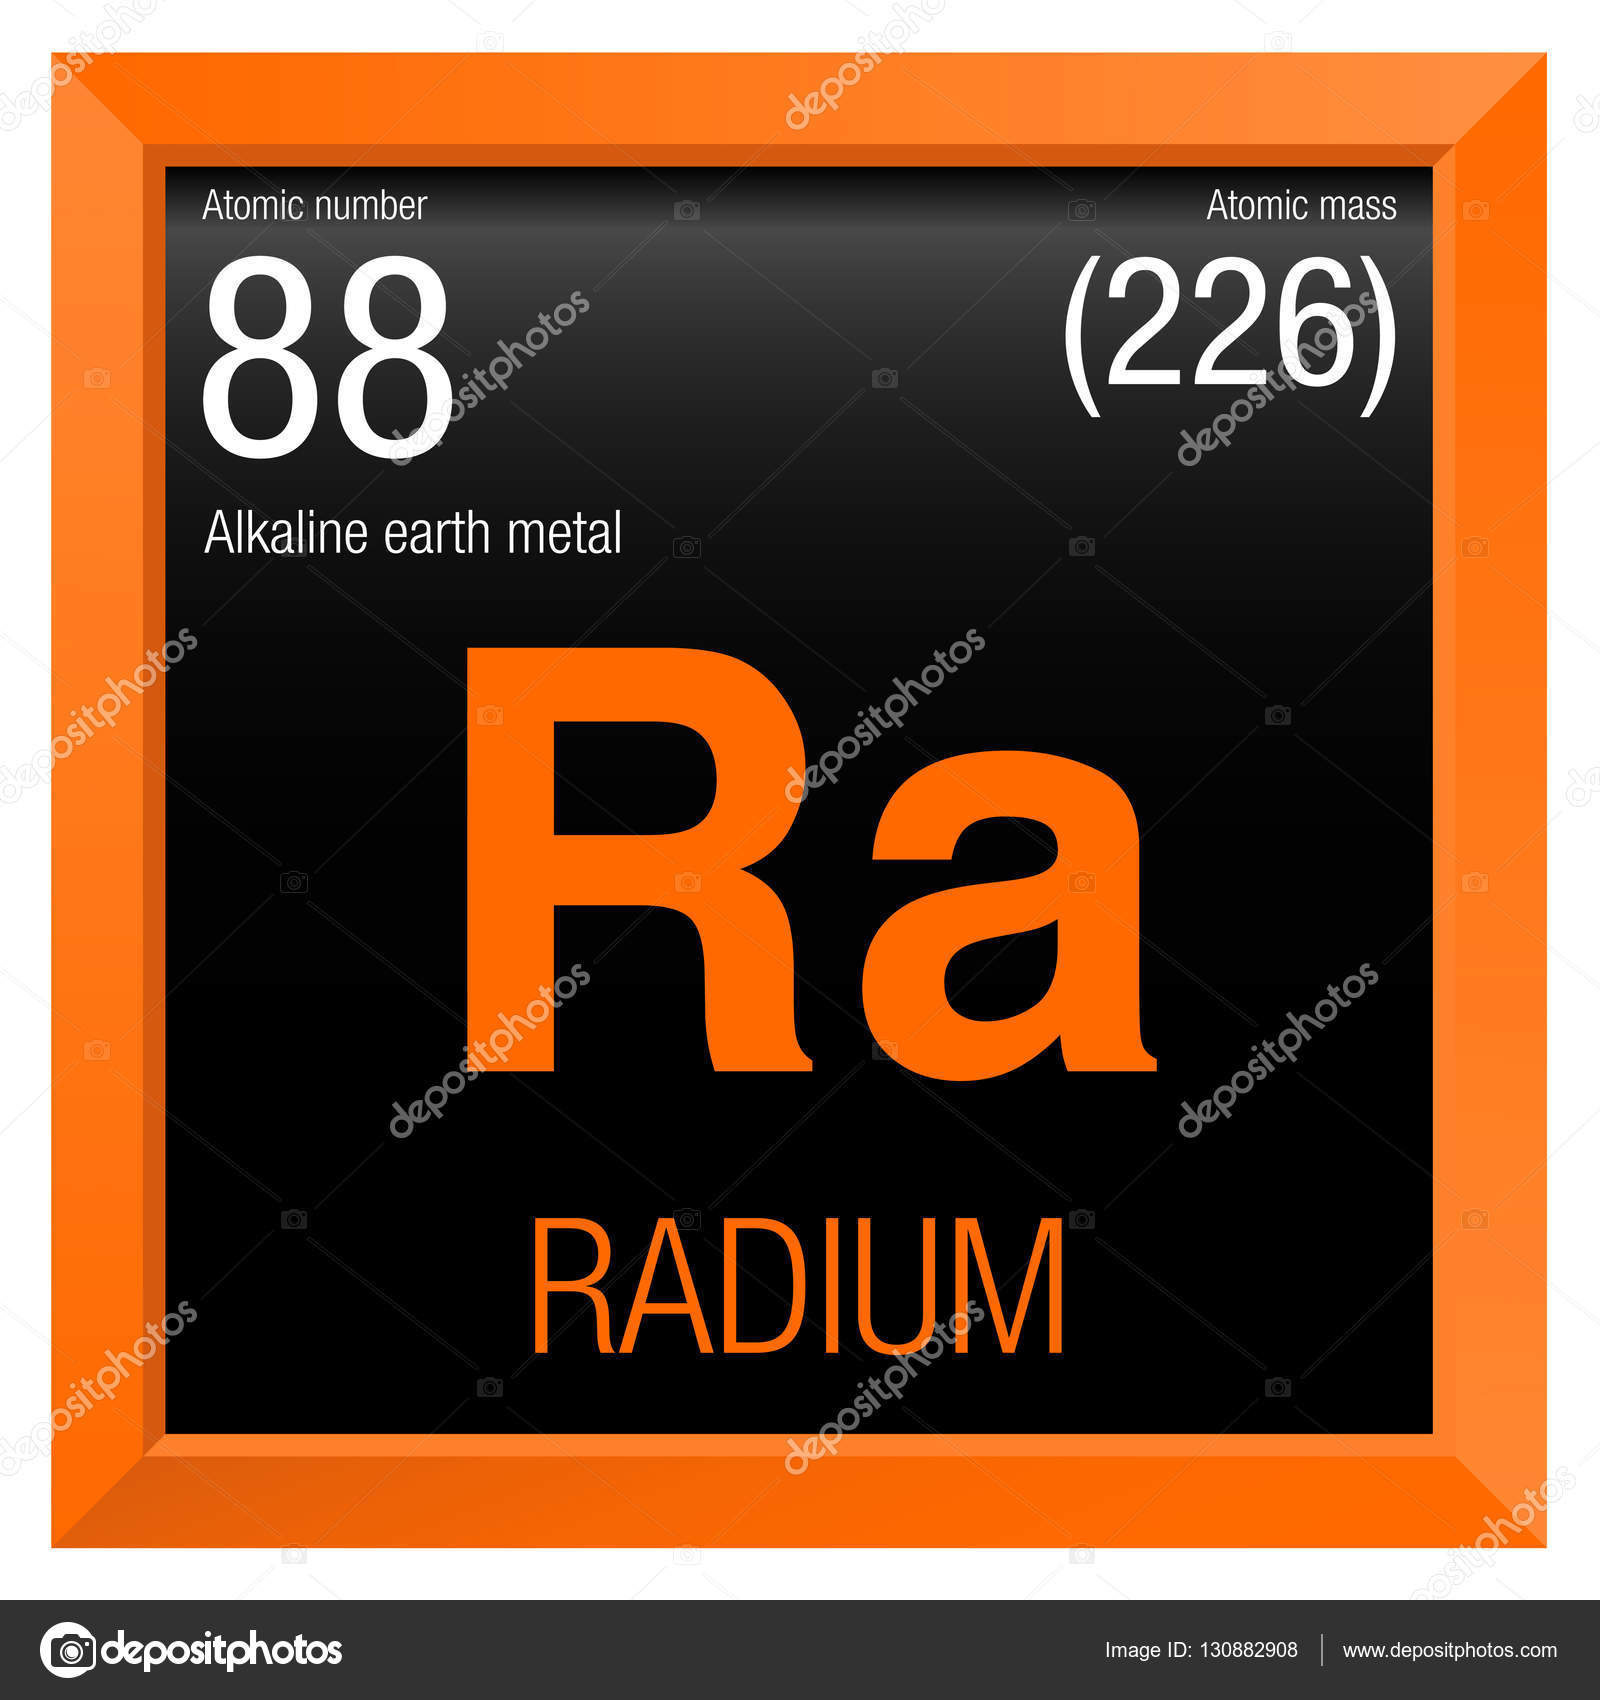 Smbolo de radio elemento nmero 88 de la tabla peridica de los smbolo de radio elemento nmero 88 de la tabla peridica de los elementos qumica urtaz Image collections